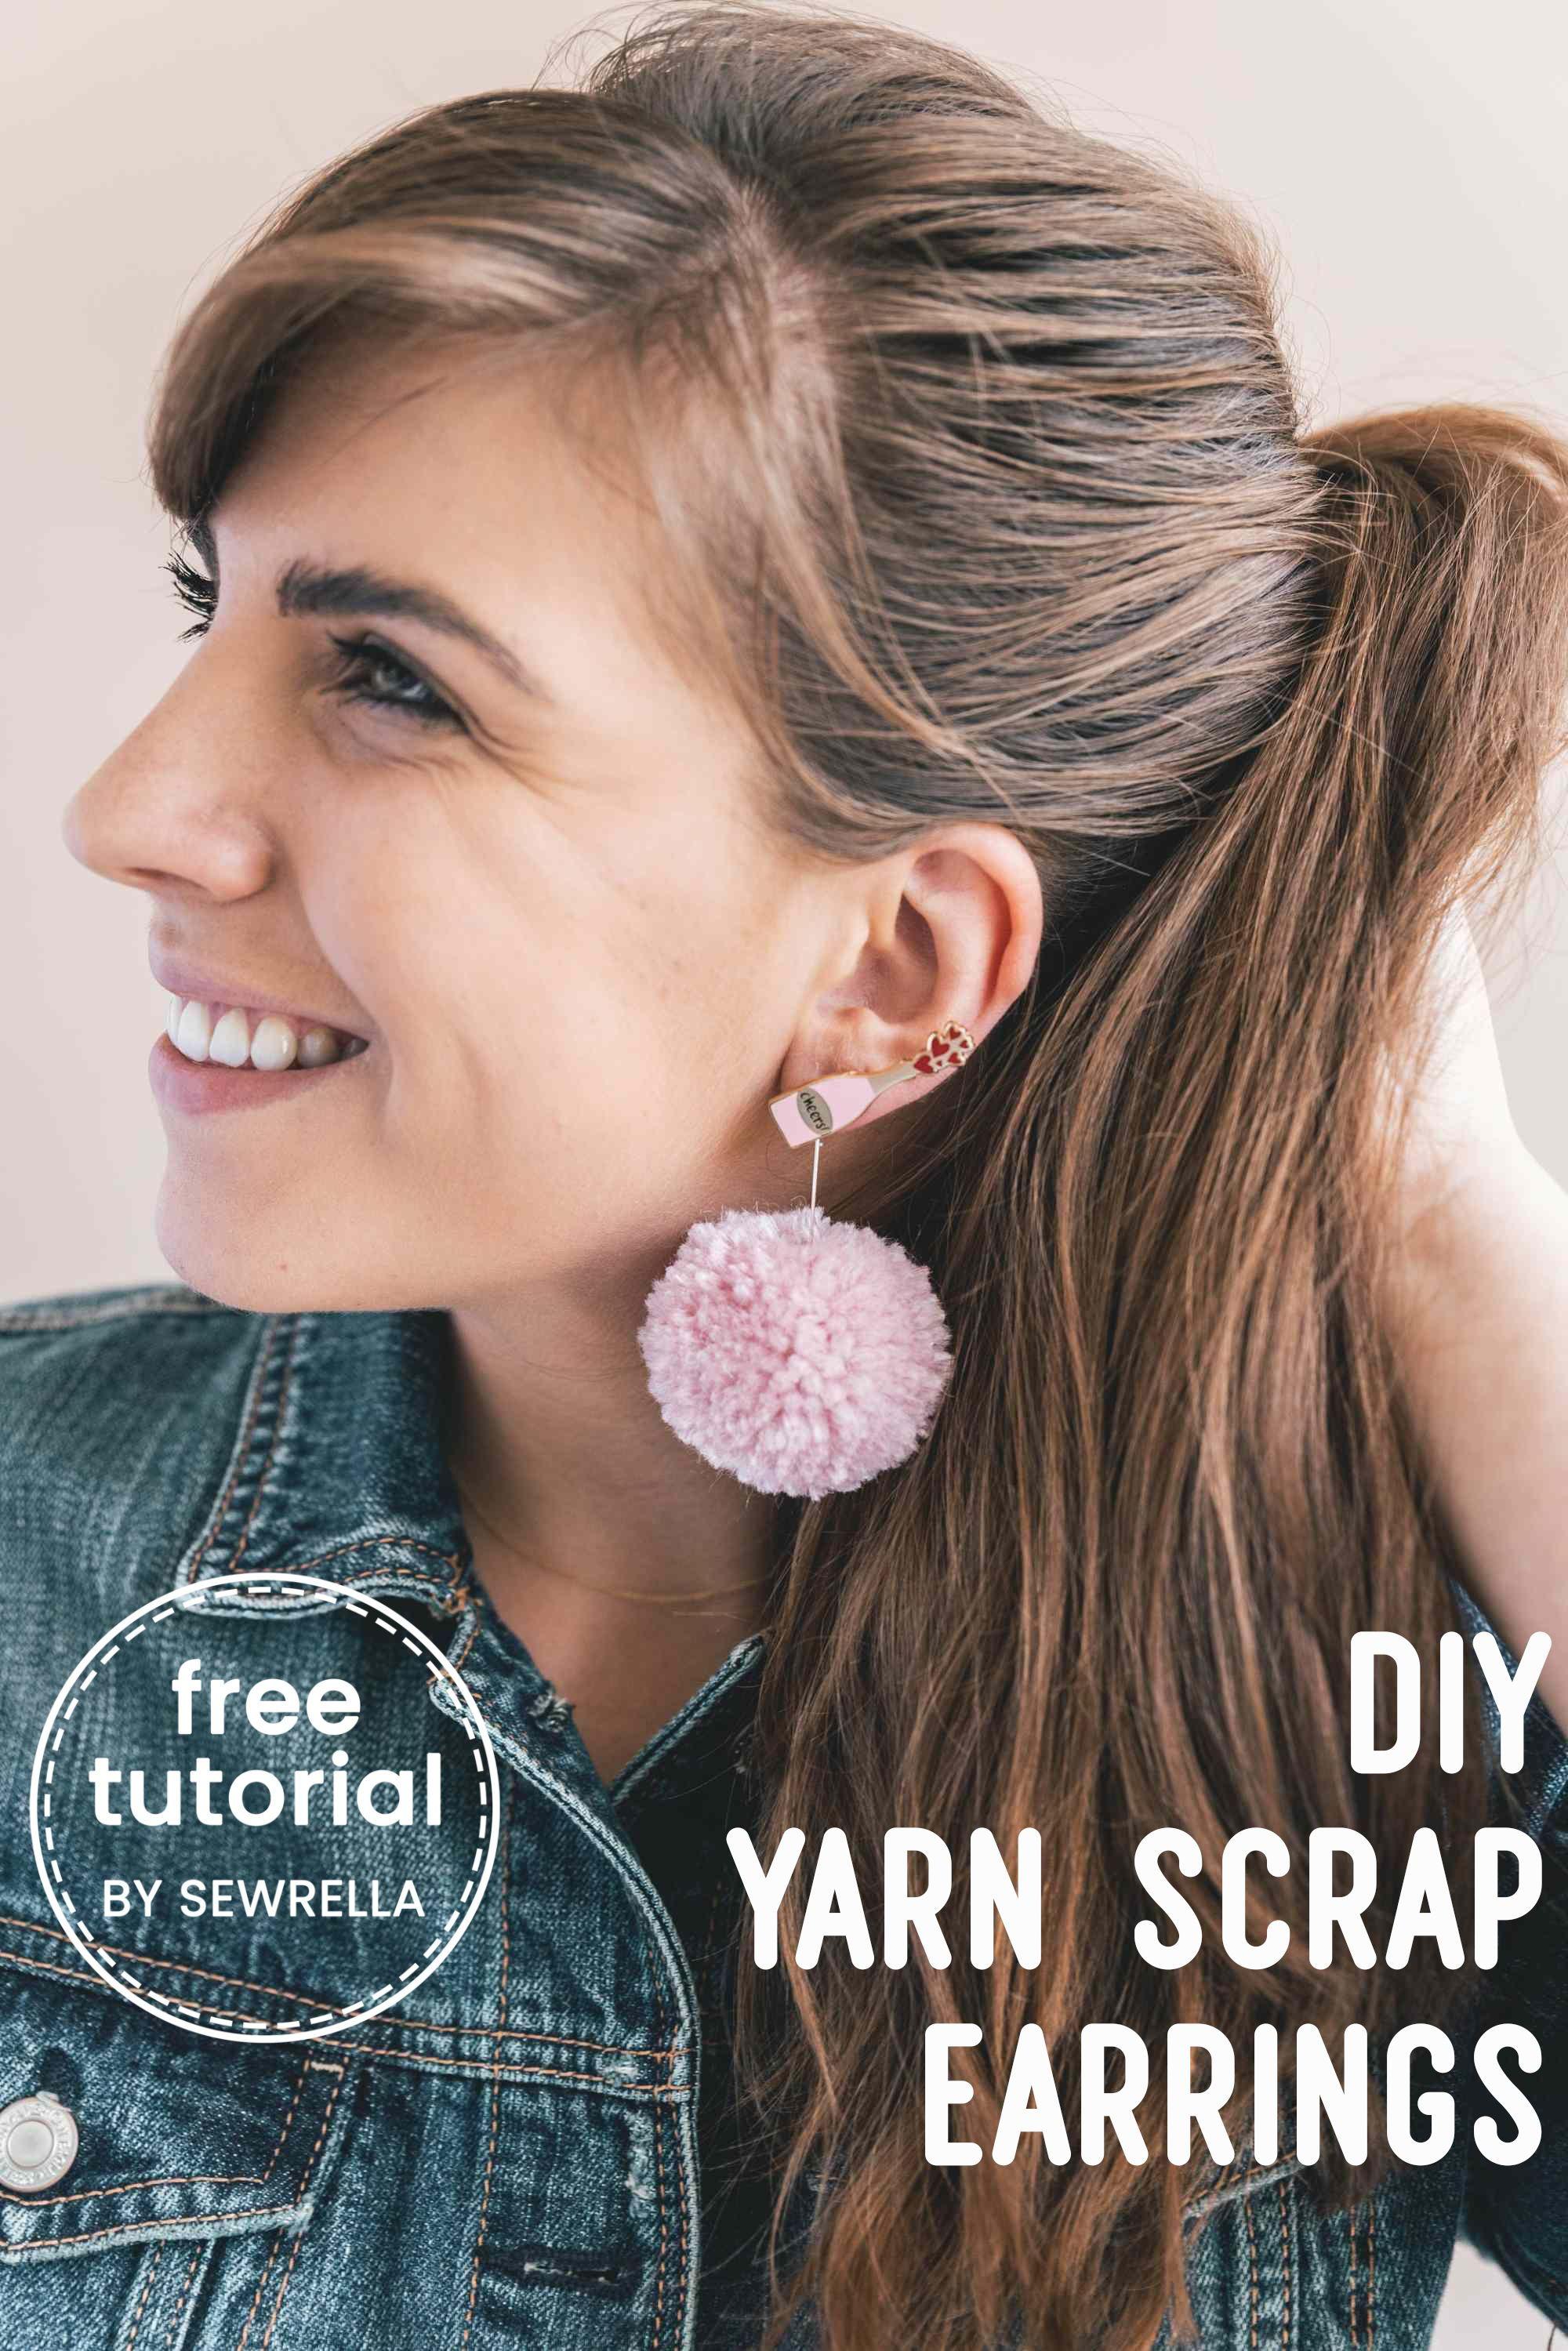 Diy Yarn Scrap Earrings 3 Ways Grace And Yarn Crochet Community